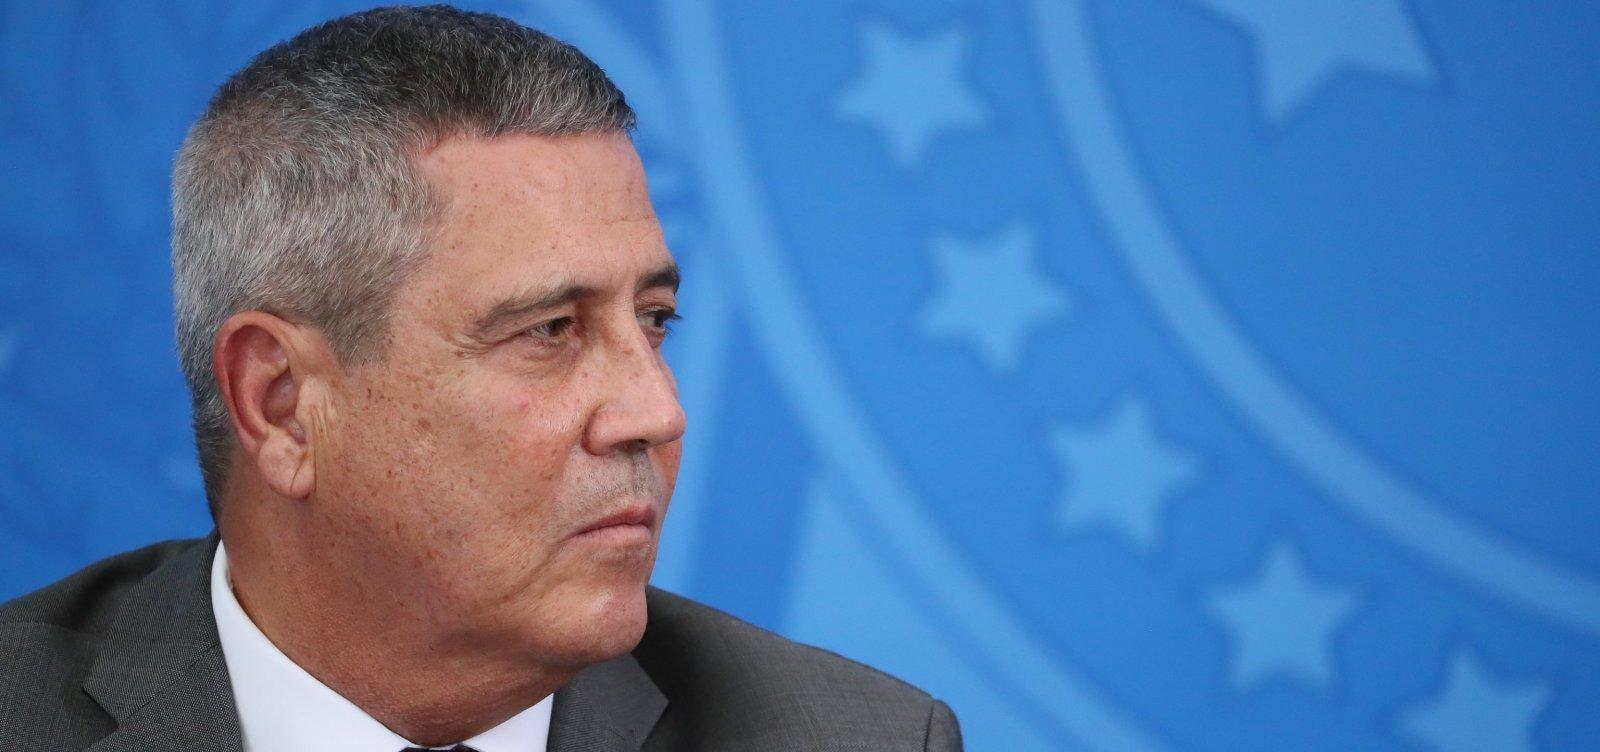 [Ministro Braga Netto é diagnosticado com coronavírus]